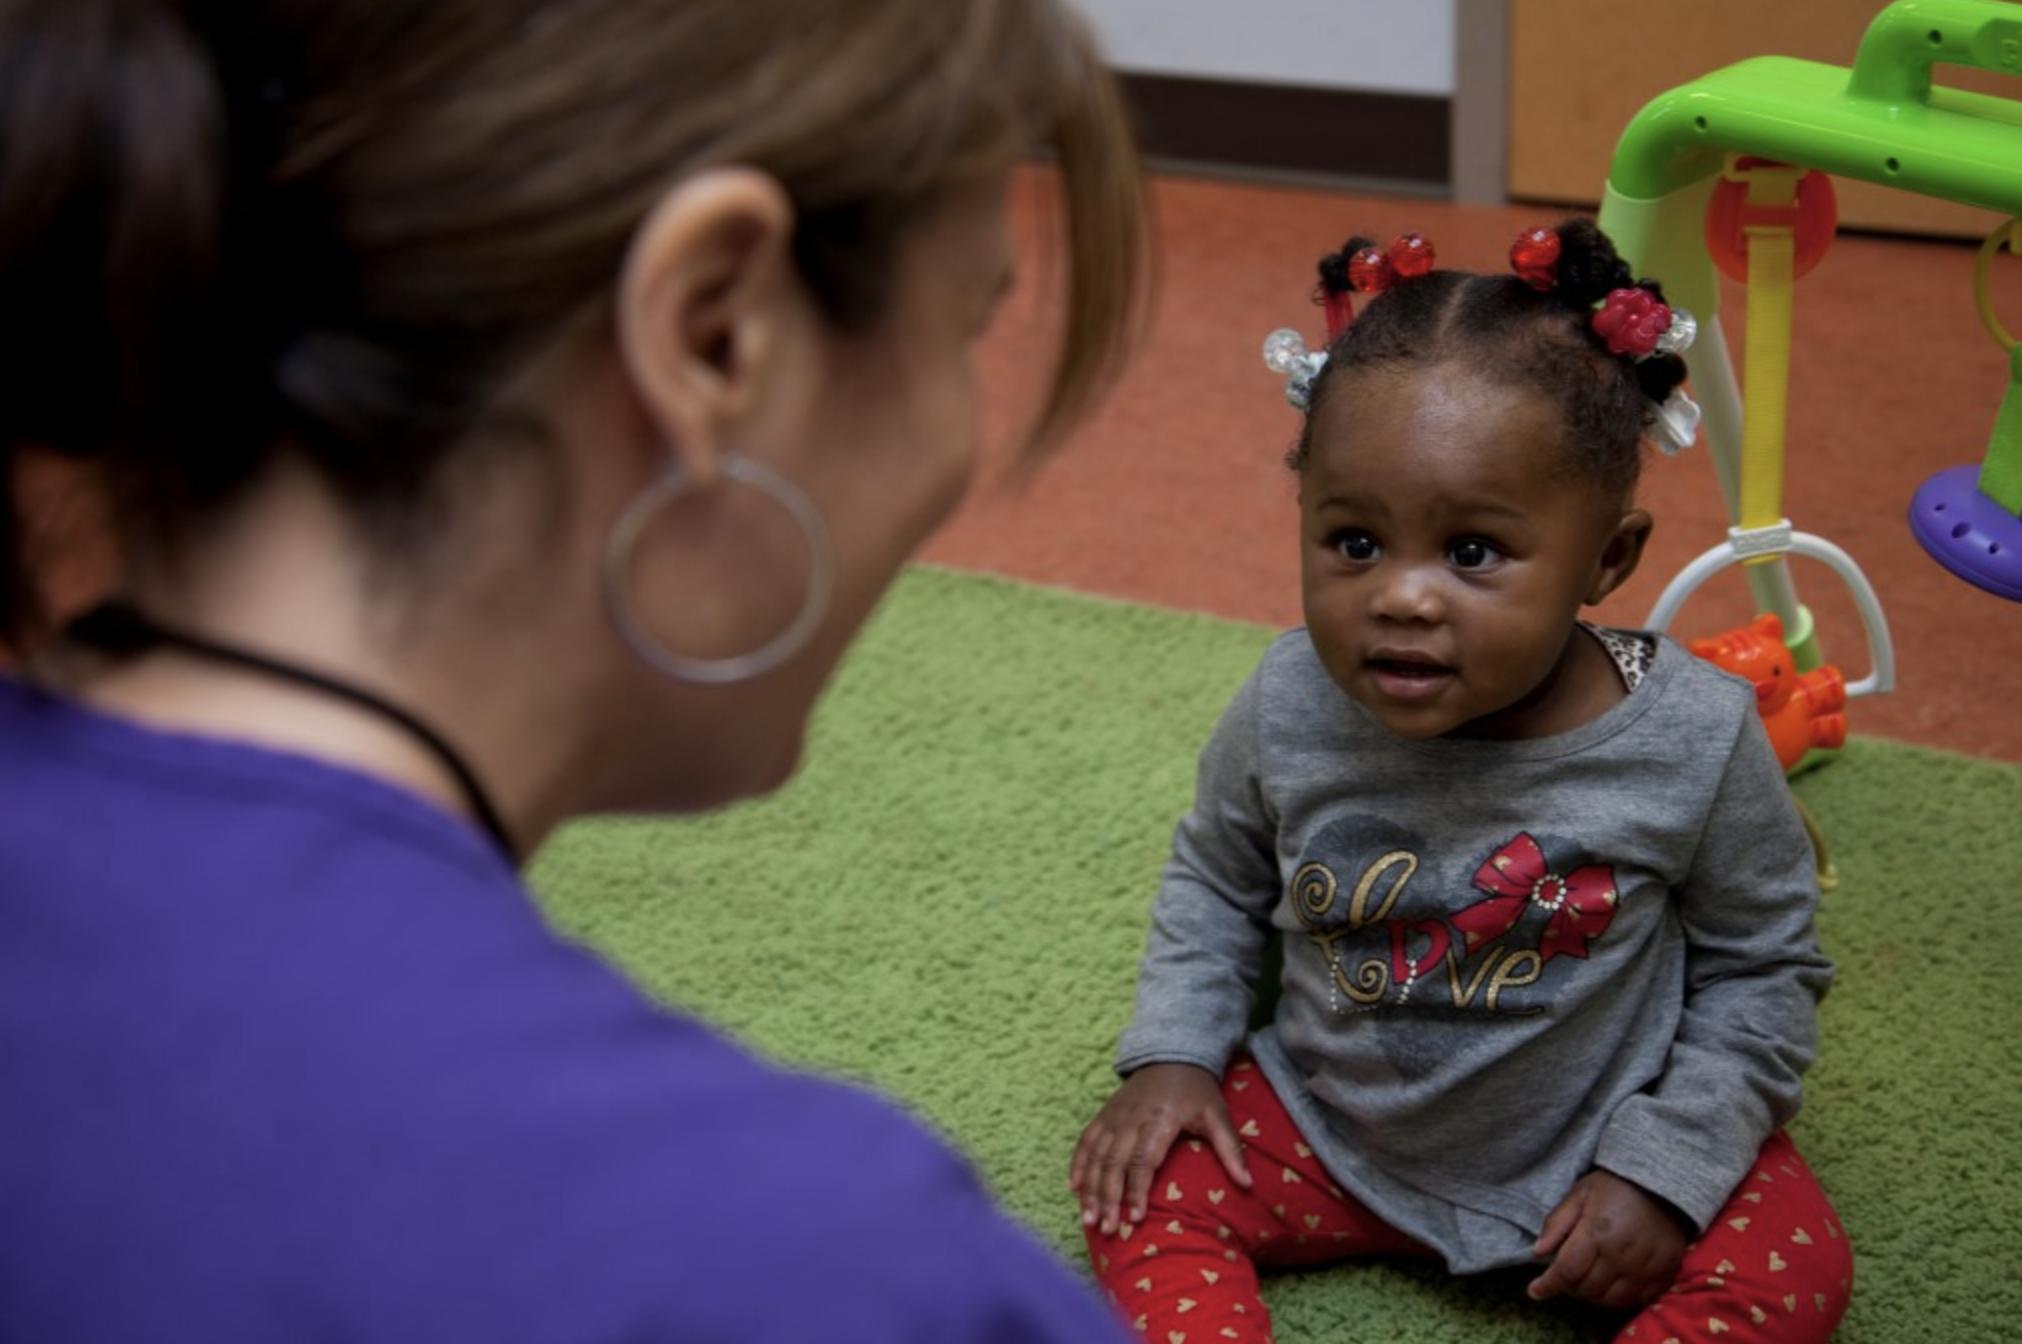 Thompson Child & Family Focus Charlotte NC Child Development Center